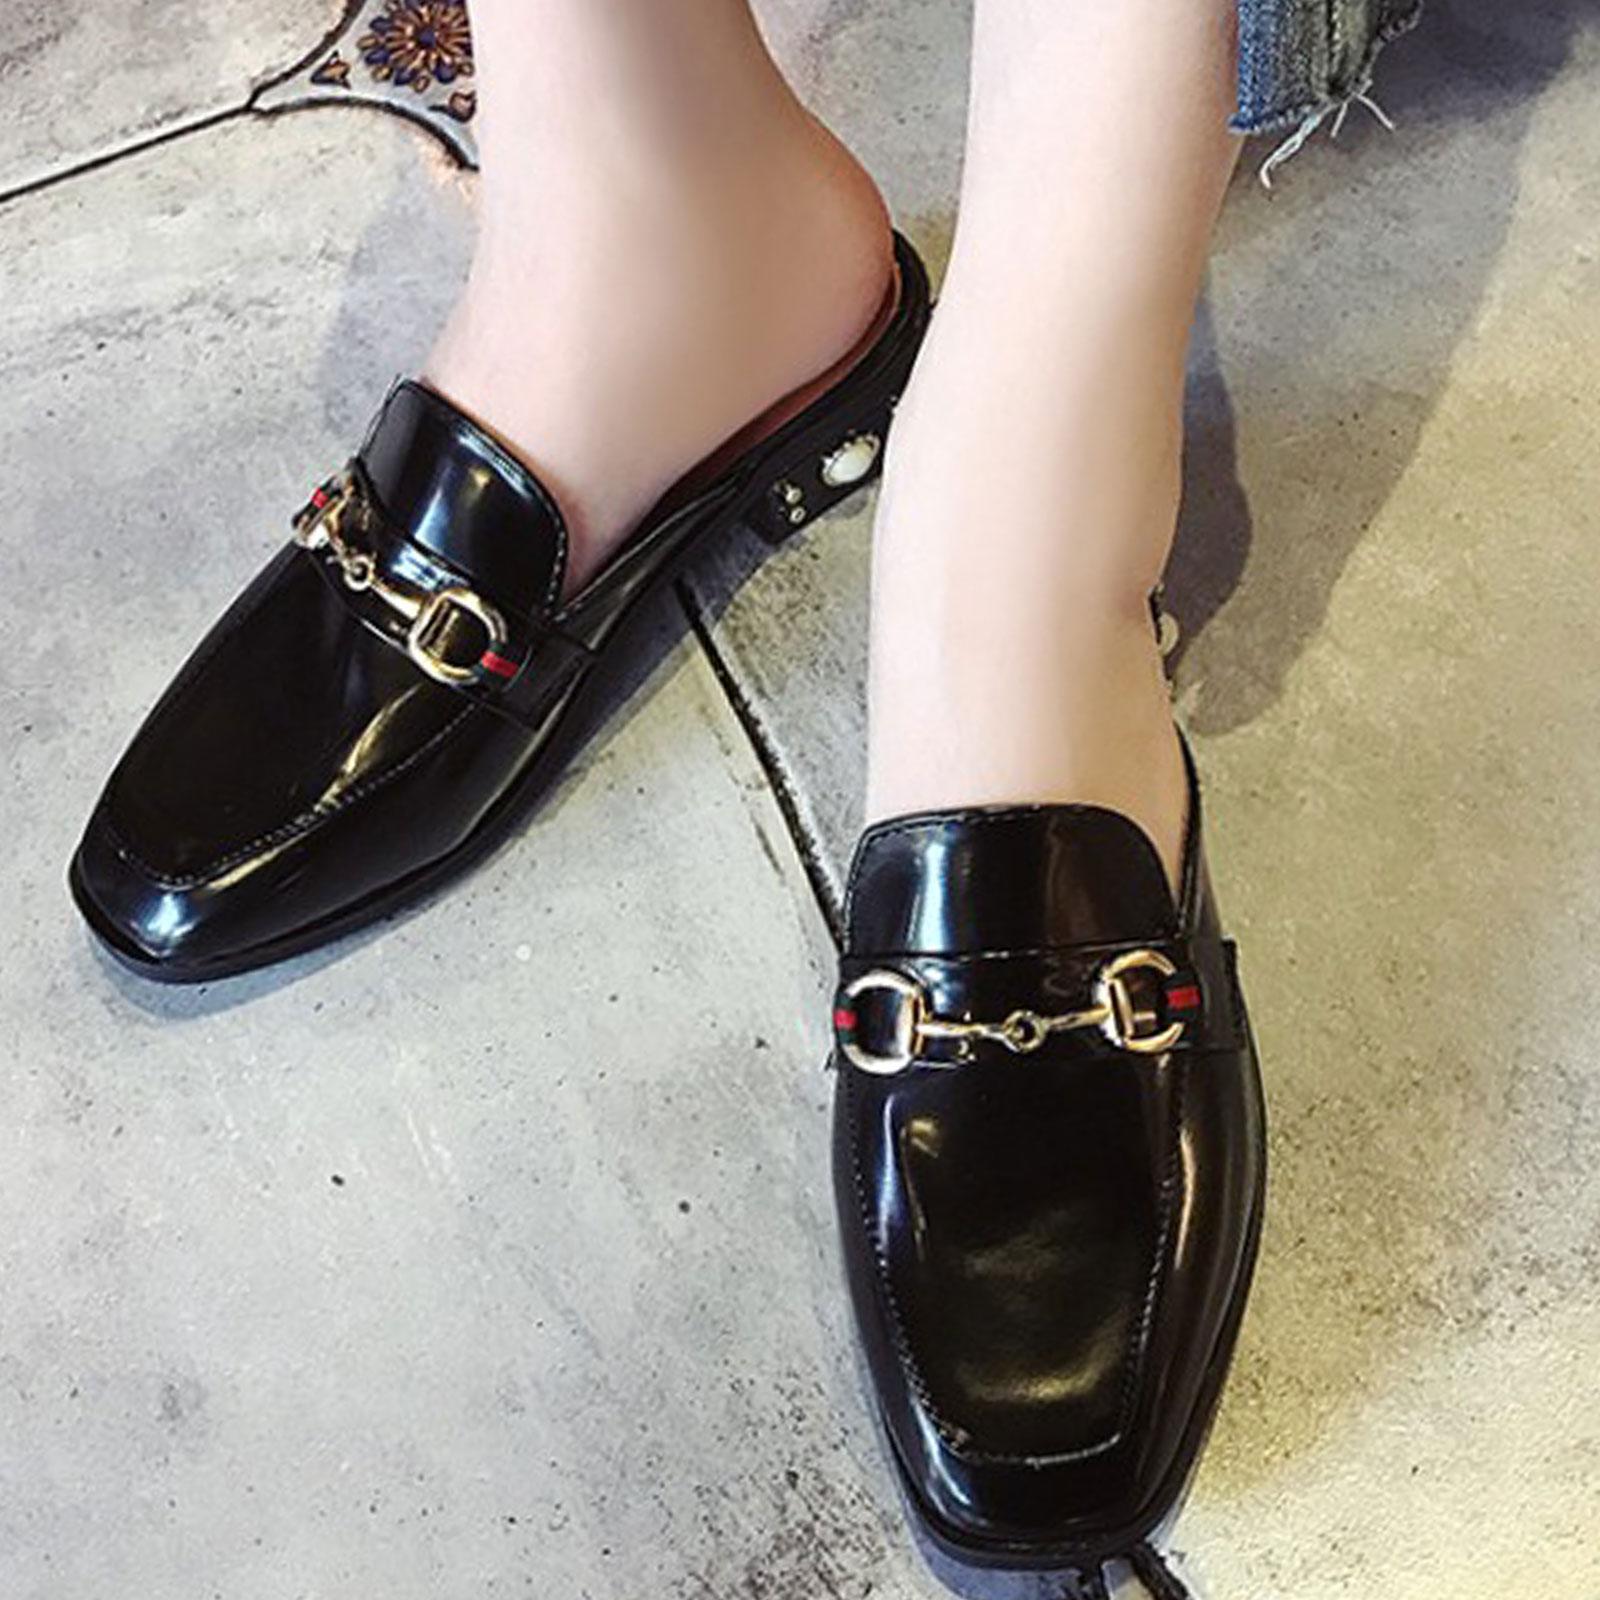 懶人鞋 淺口珍珠裝飾方頭粗跟半拖鞋【S1693】☆雙兒網☆ 2